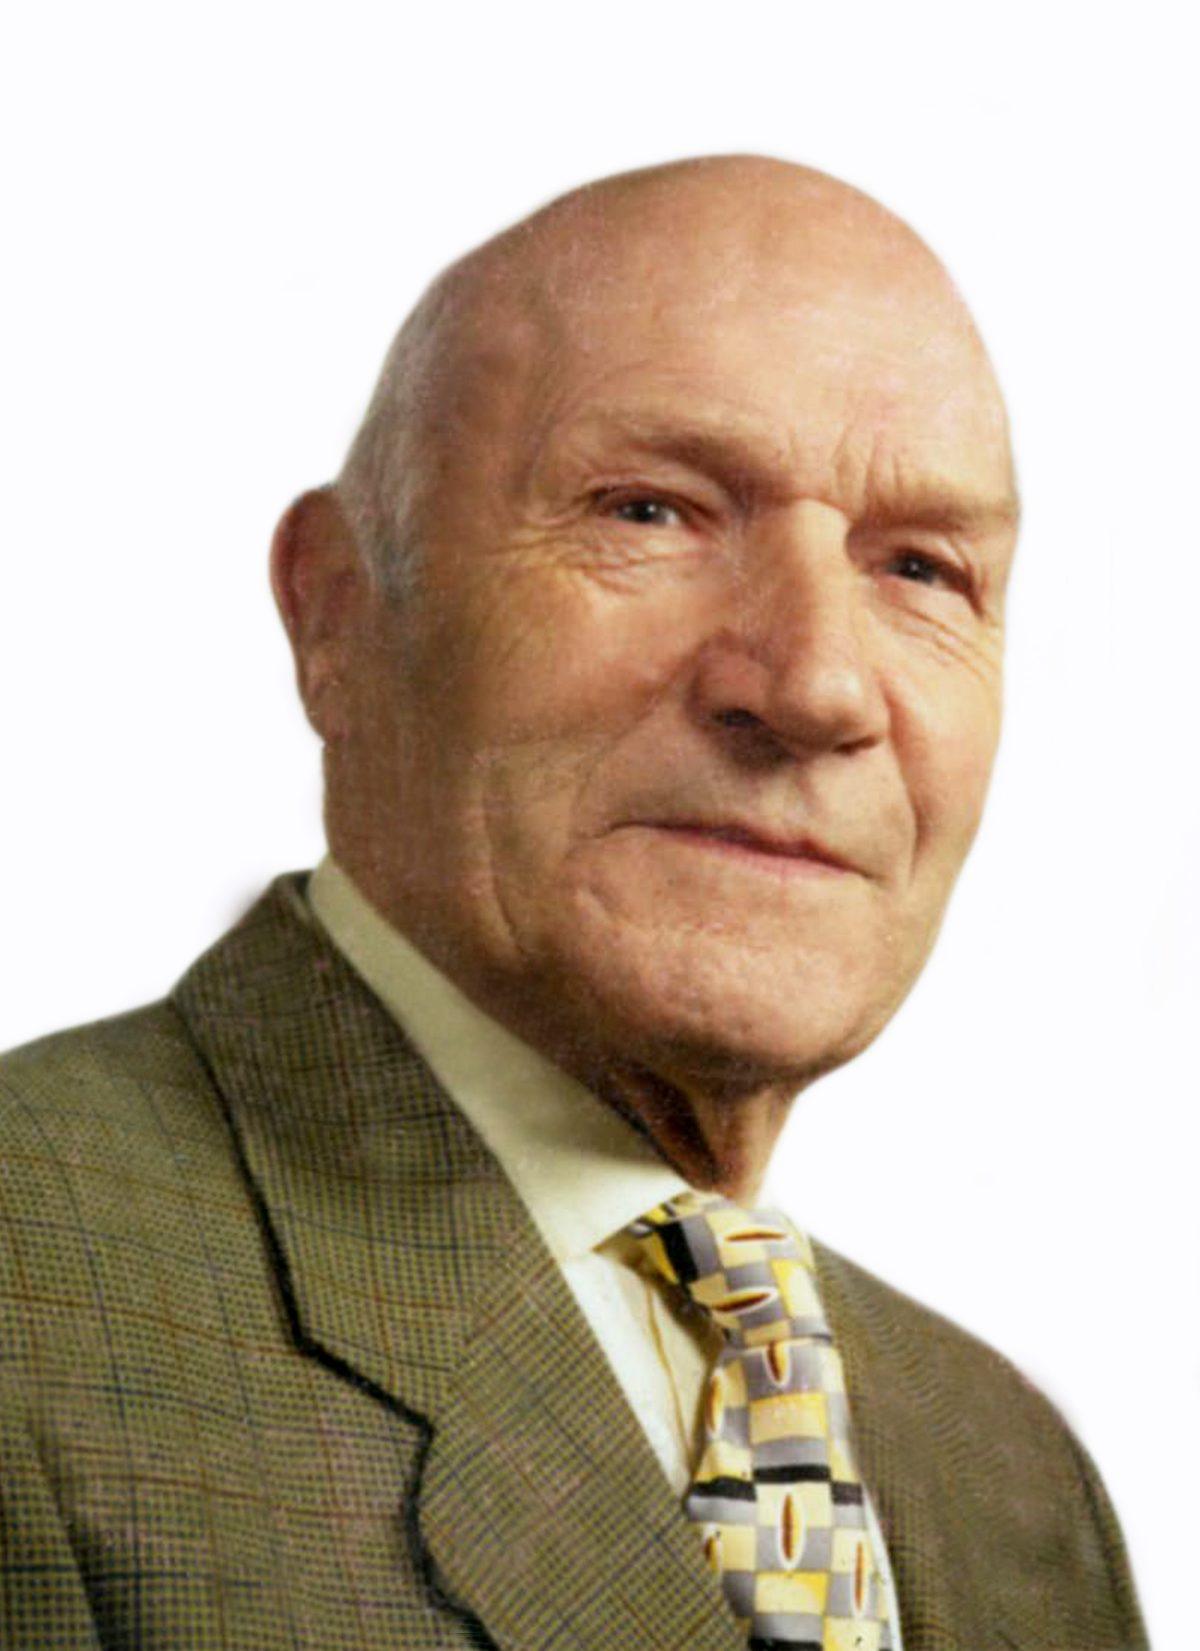 Gaston Heynen